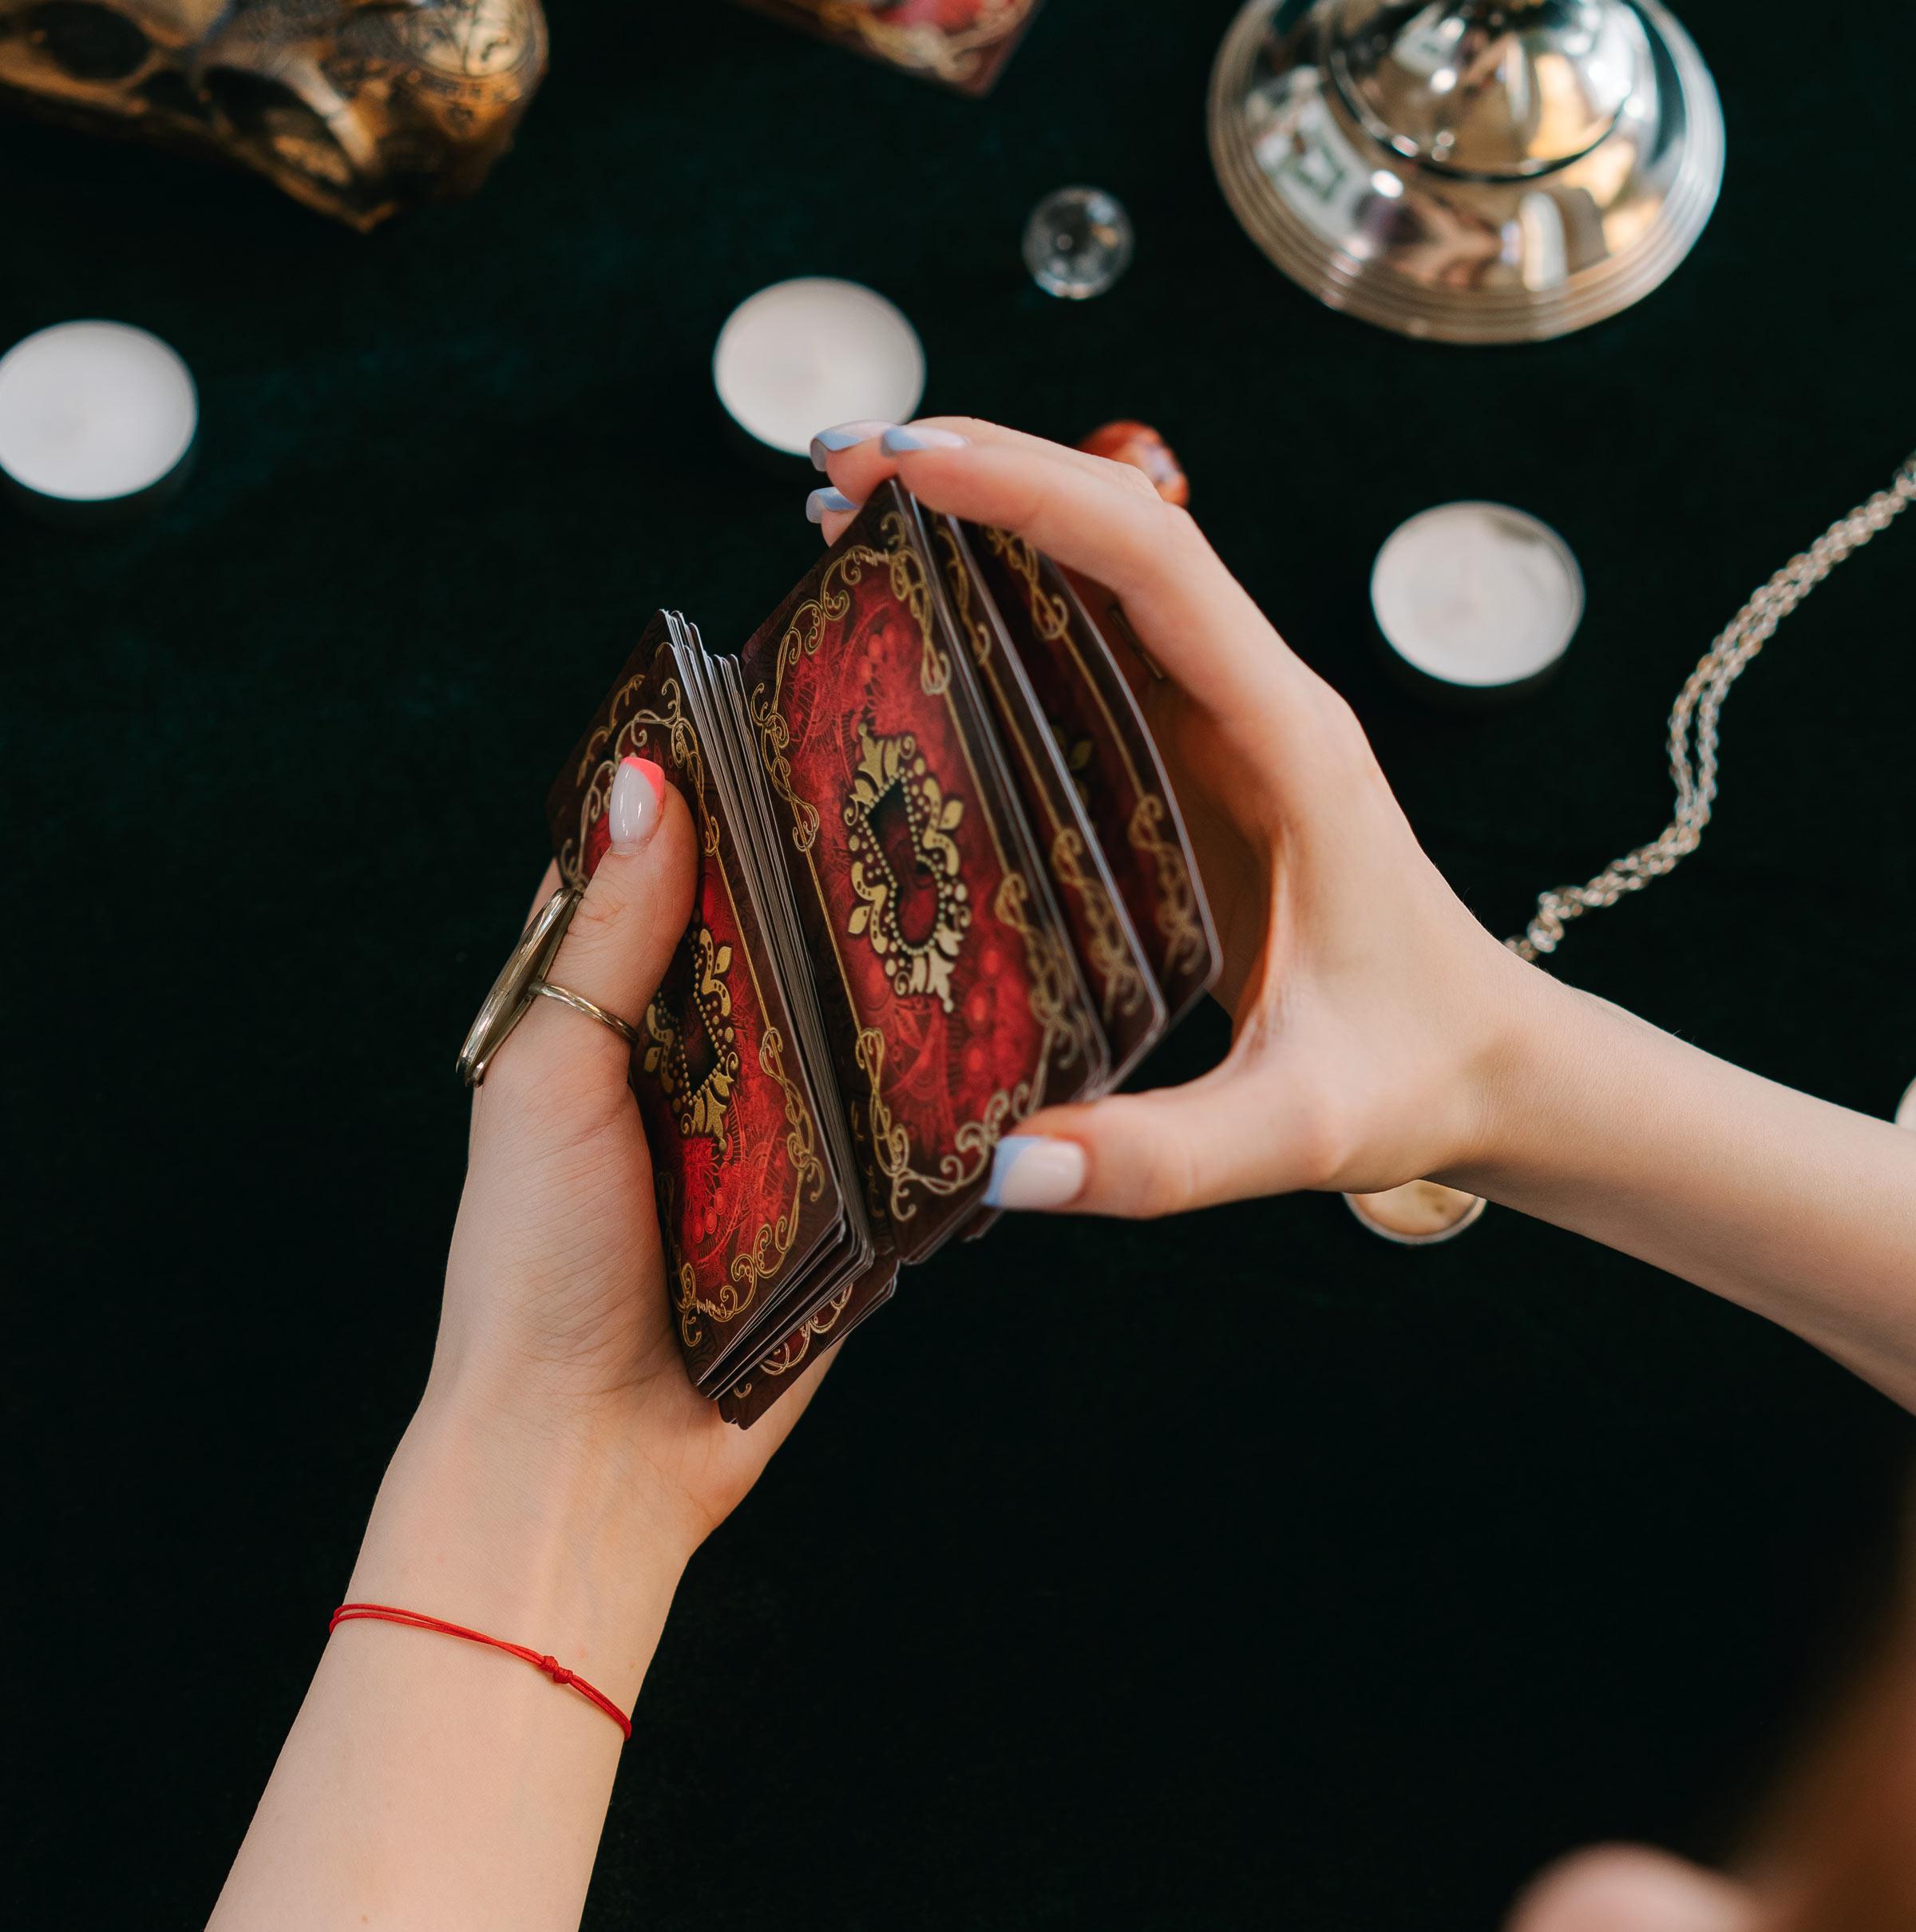 ragazza mischia le carte dei tarocchi